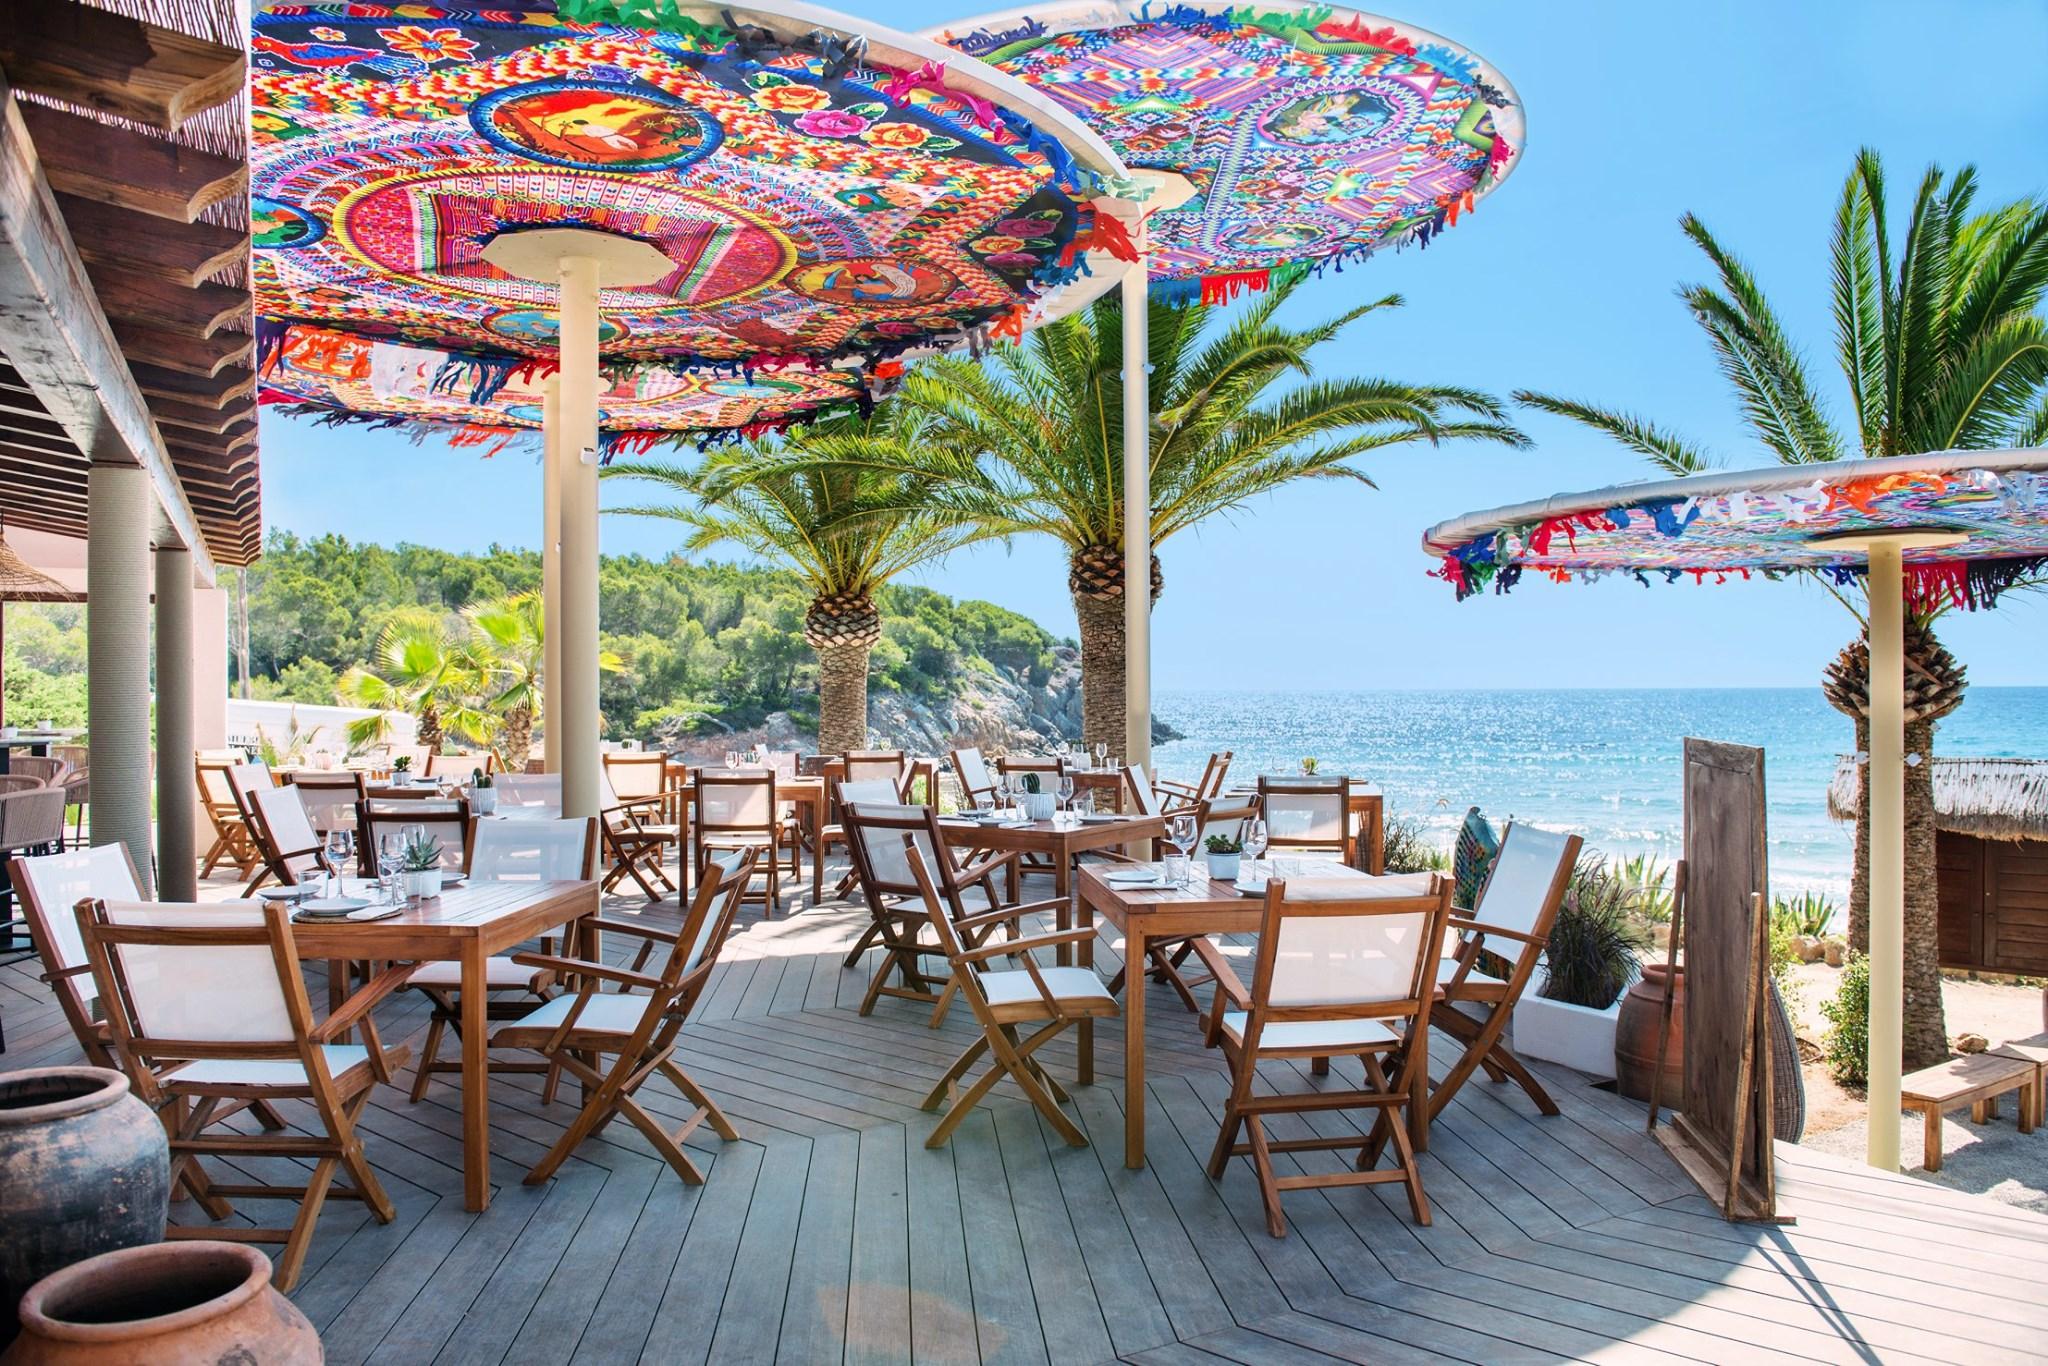 Descubre nuestra selección de 5 cinco restaurantes especiales